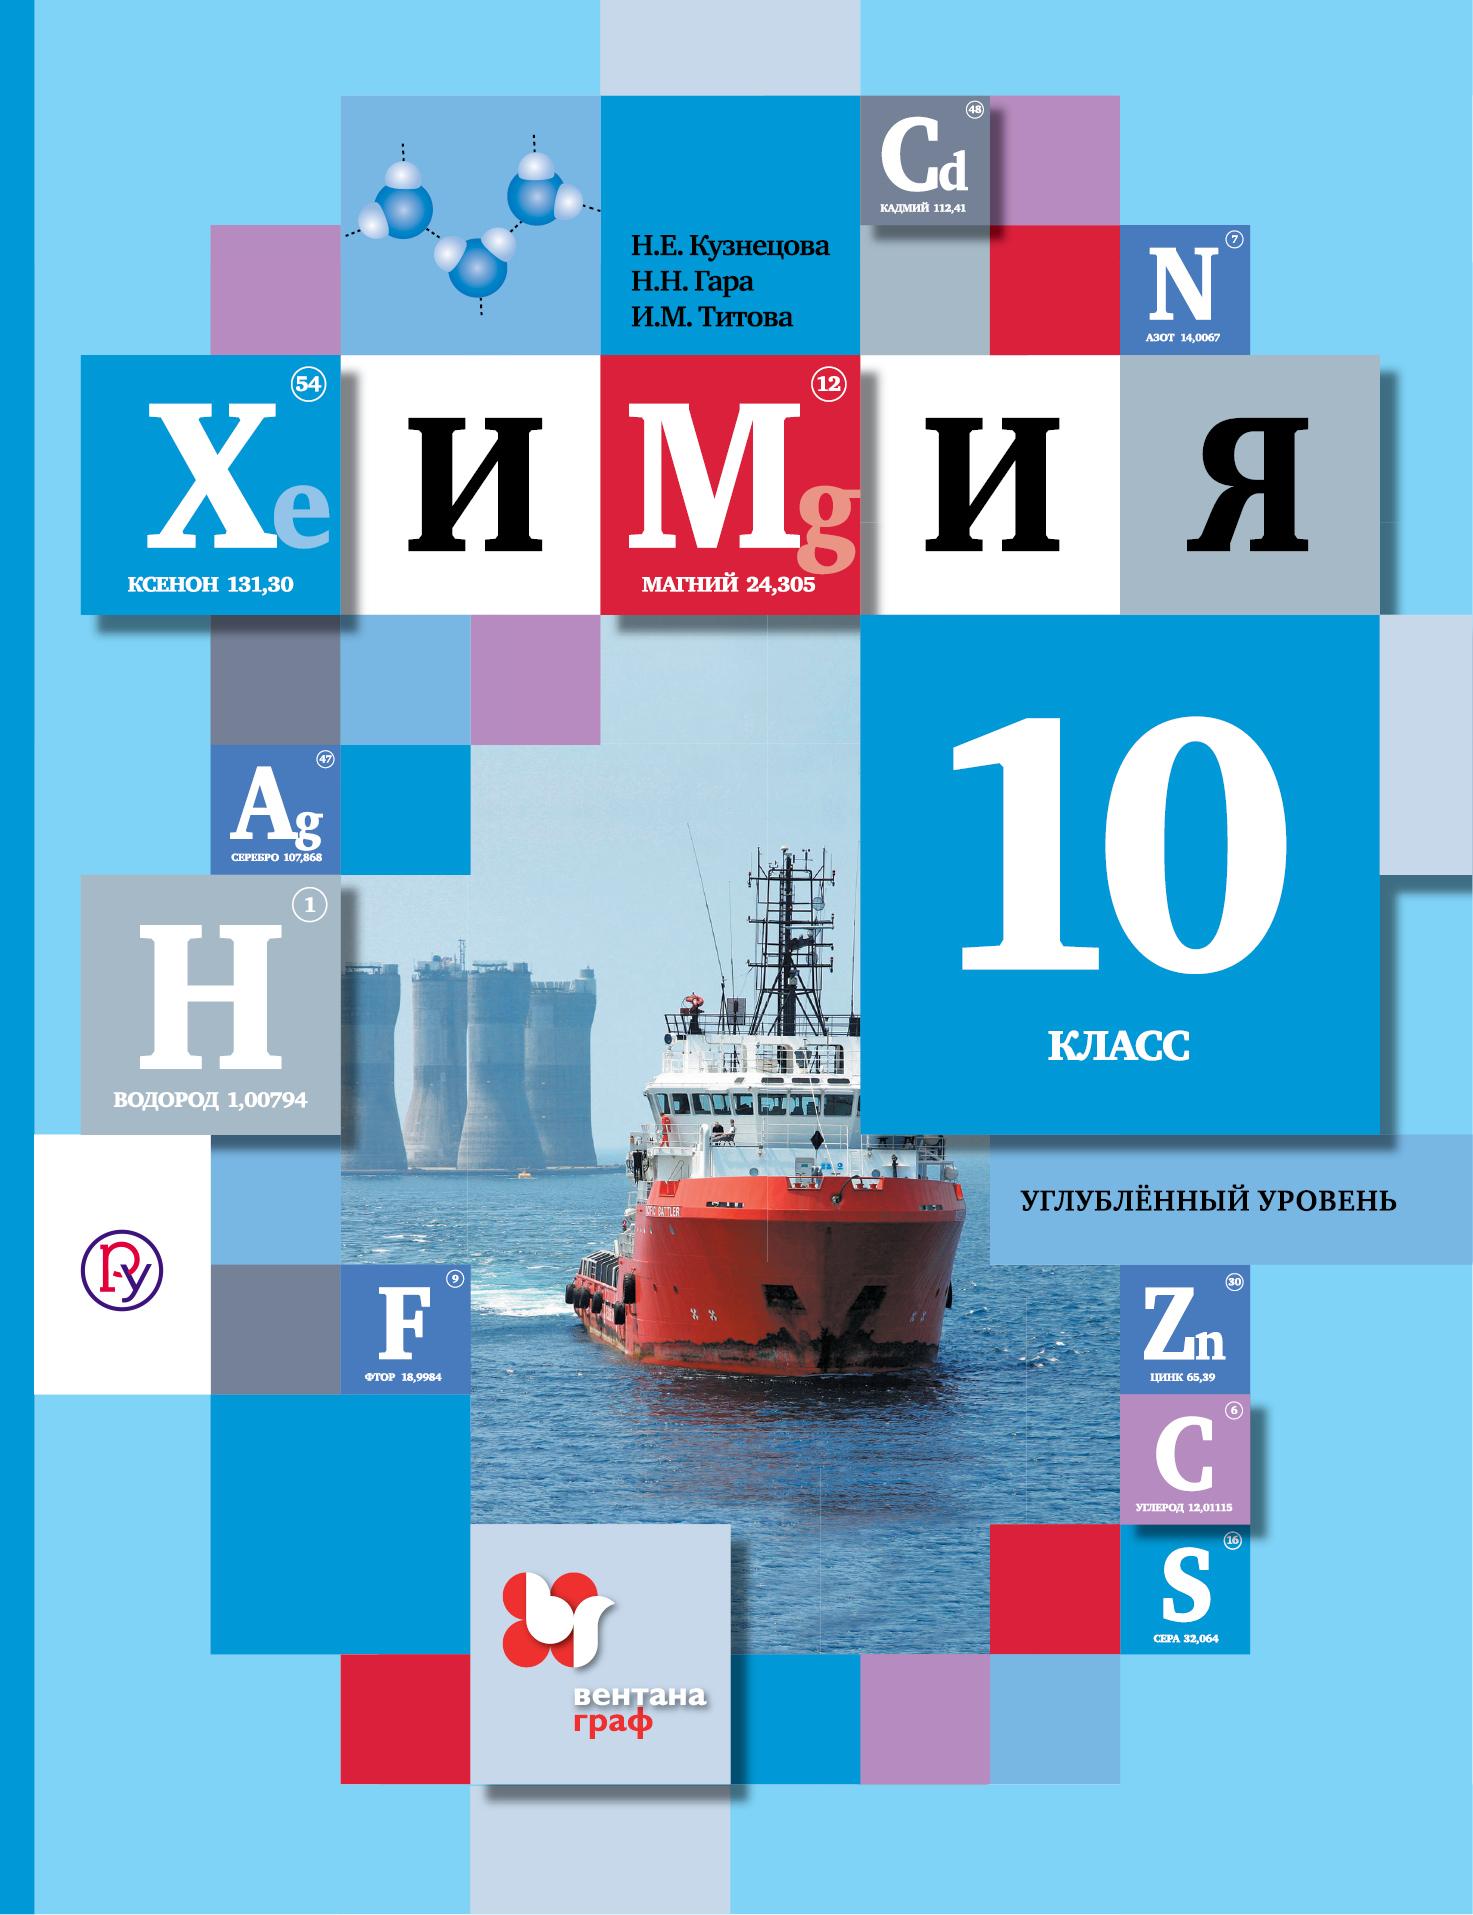 Химия. Углубленный уровень. 10кл. Учебник. ( Кузнецова Н.Е., Гара Н.Н., Титова И.М.  )